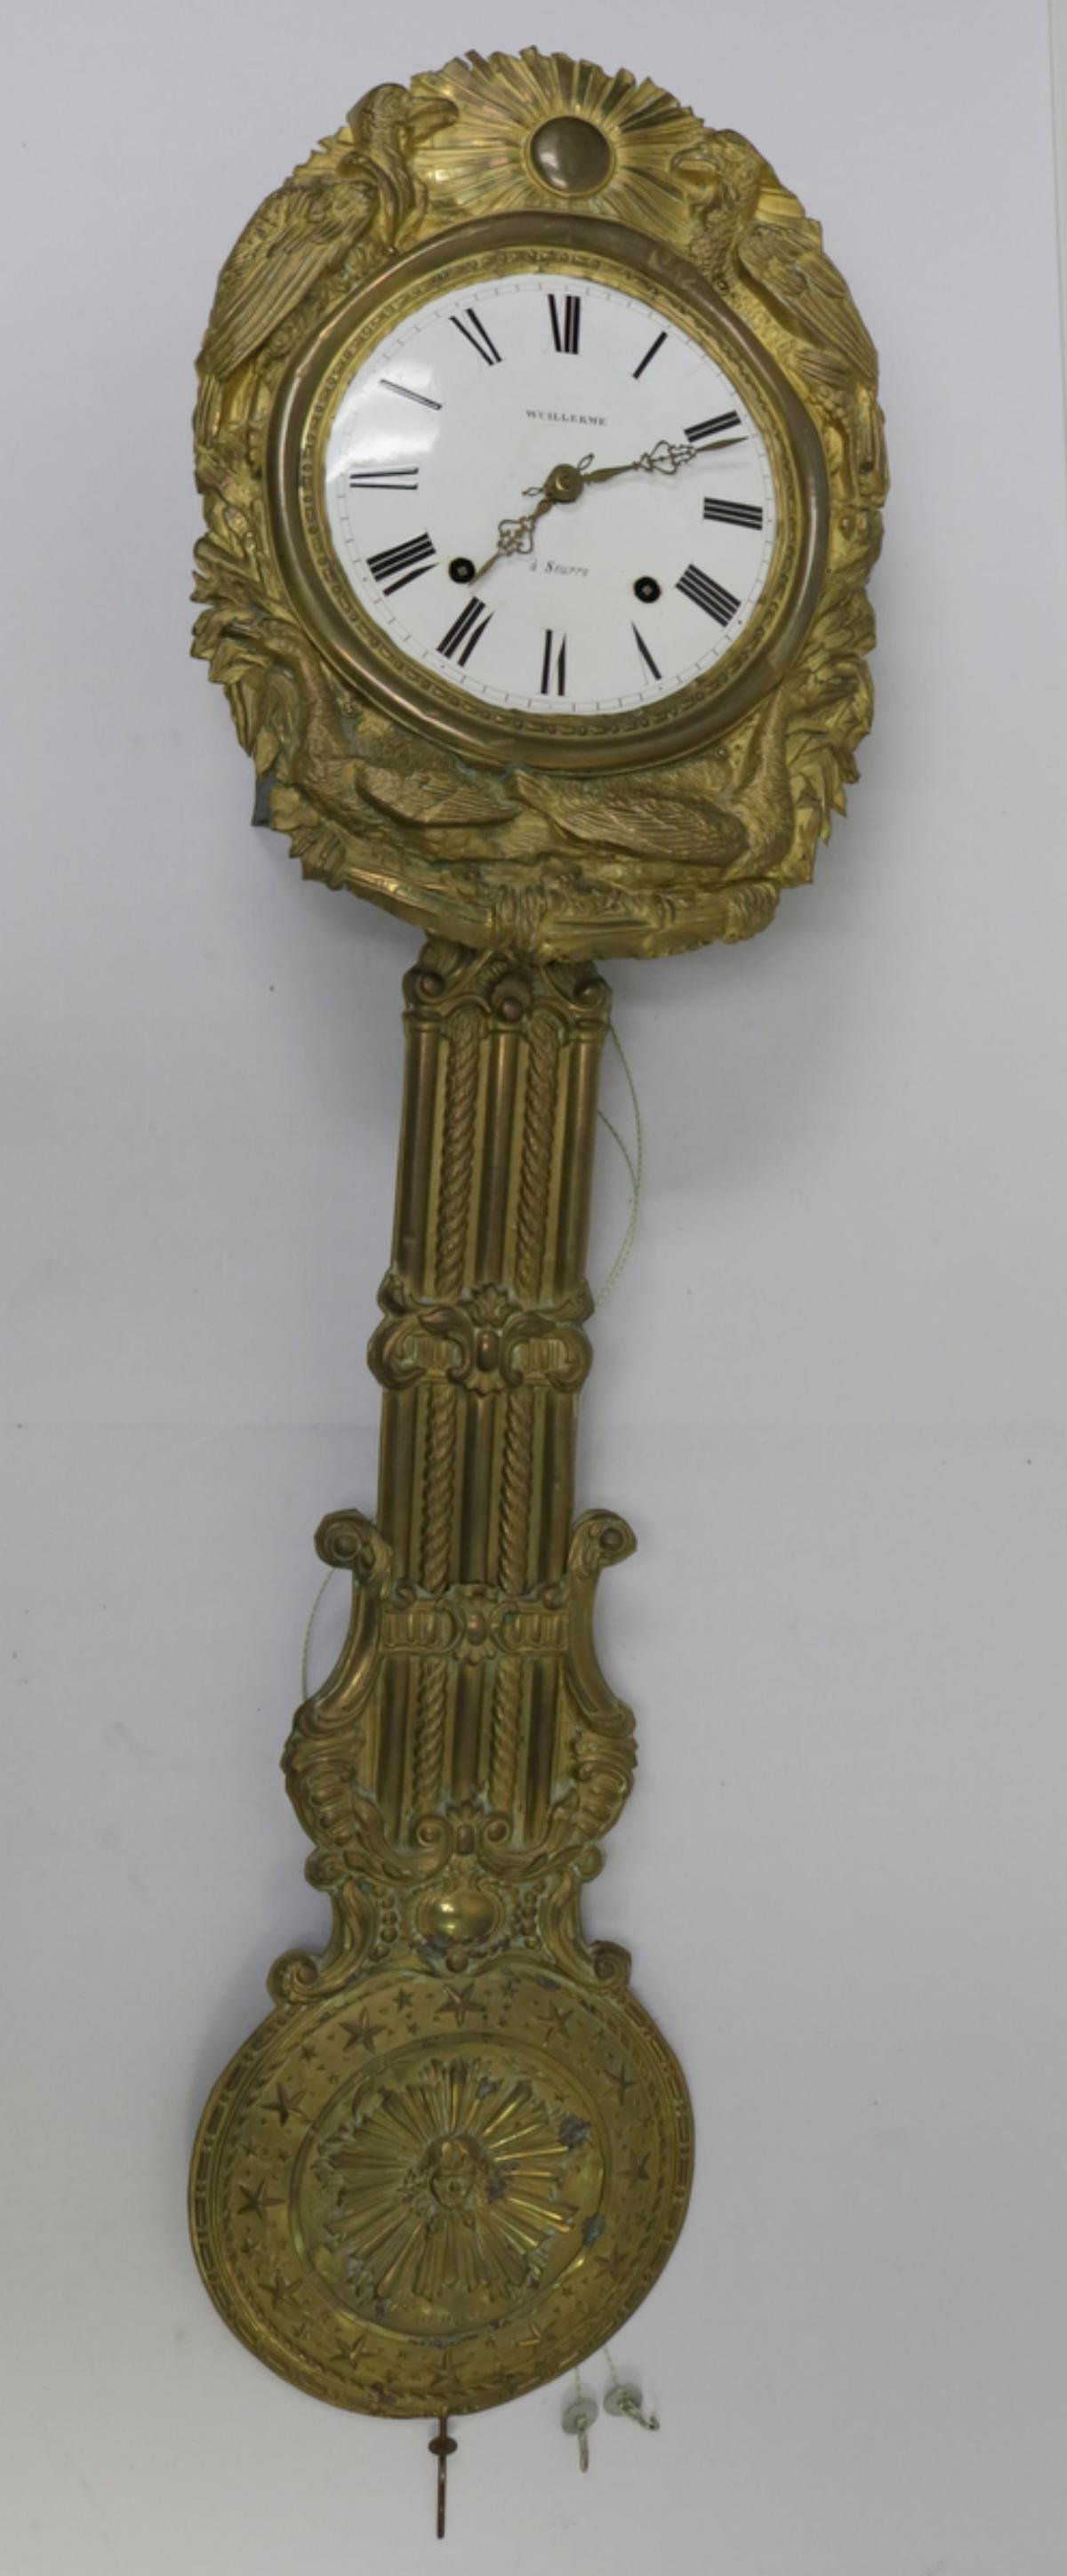 Antique Wuillerme Brass Wall Clock